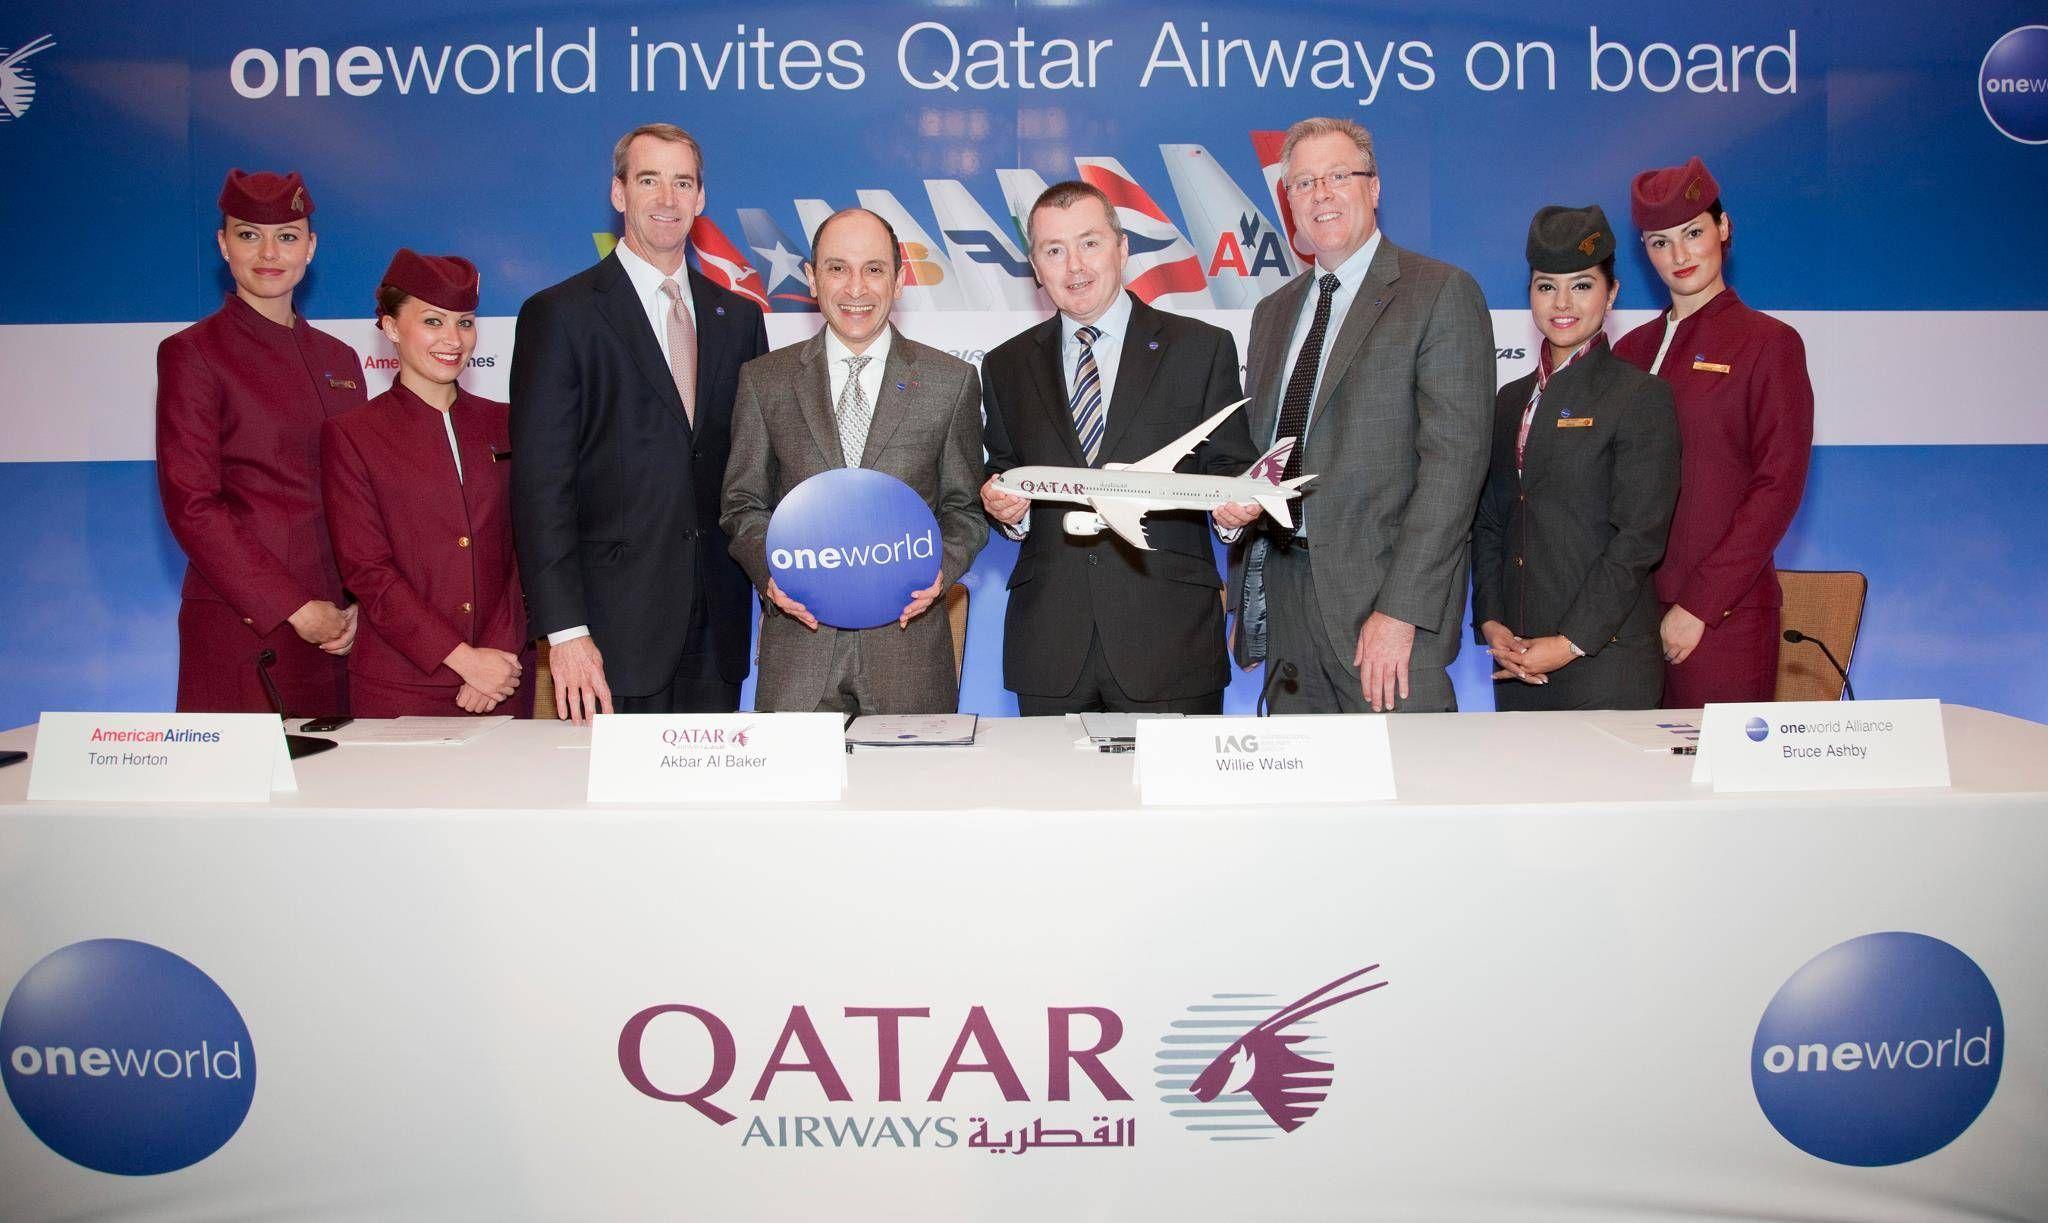 Qatar Airways se junta à oneworld